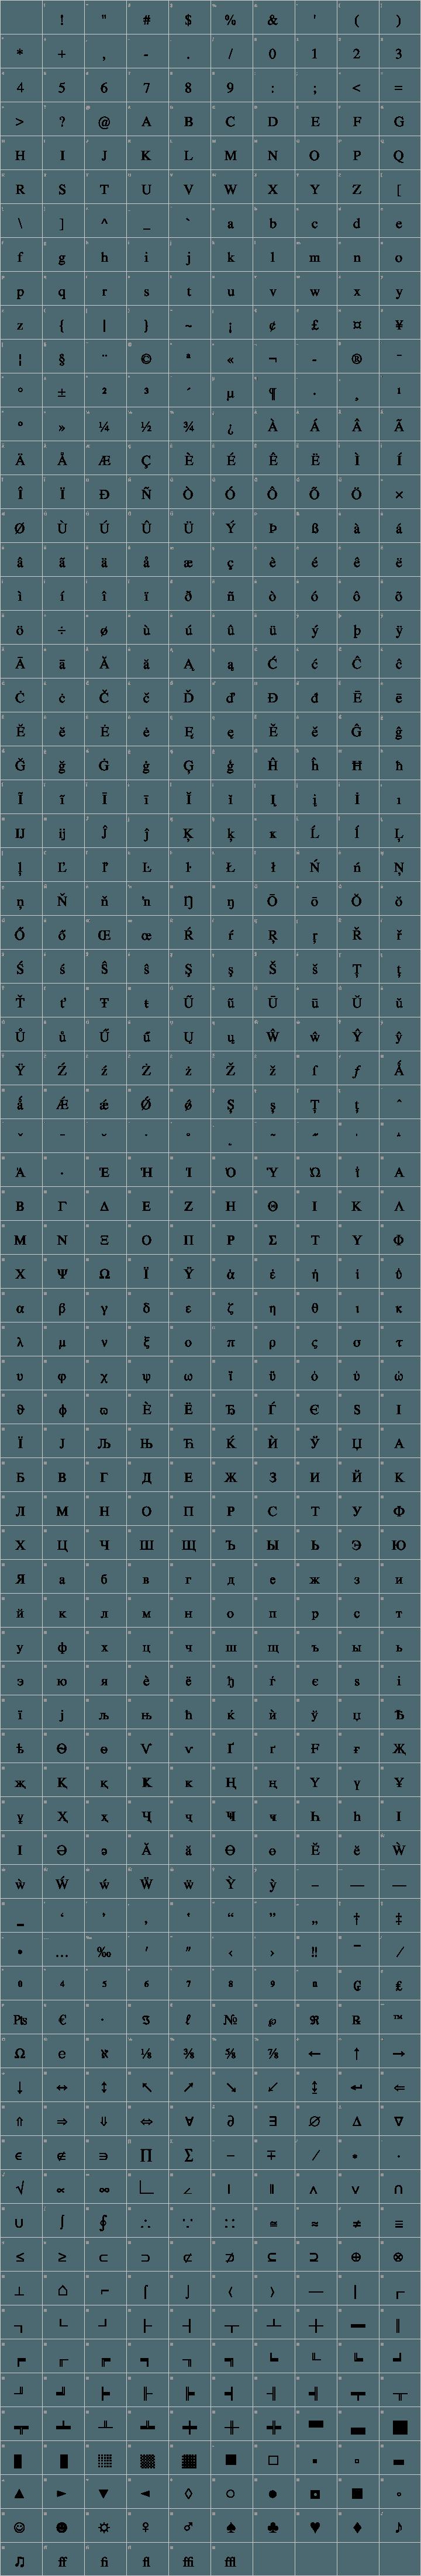 Nimbus Roman No9 L Font Free by URW++ » Font Squirrel